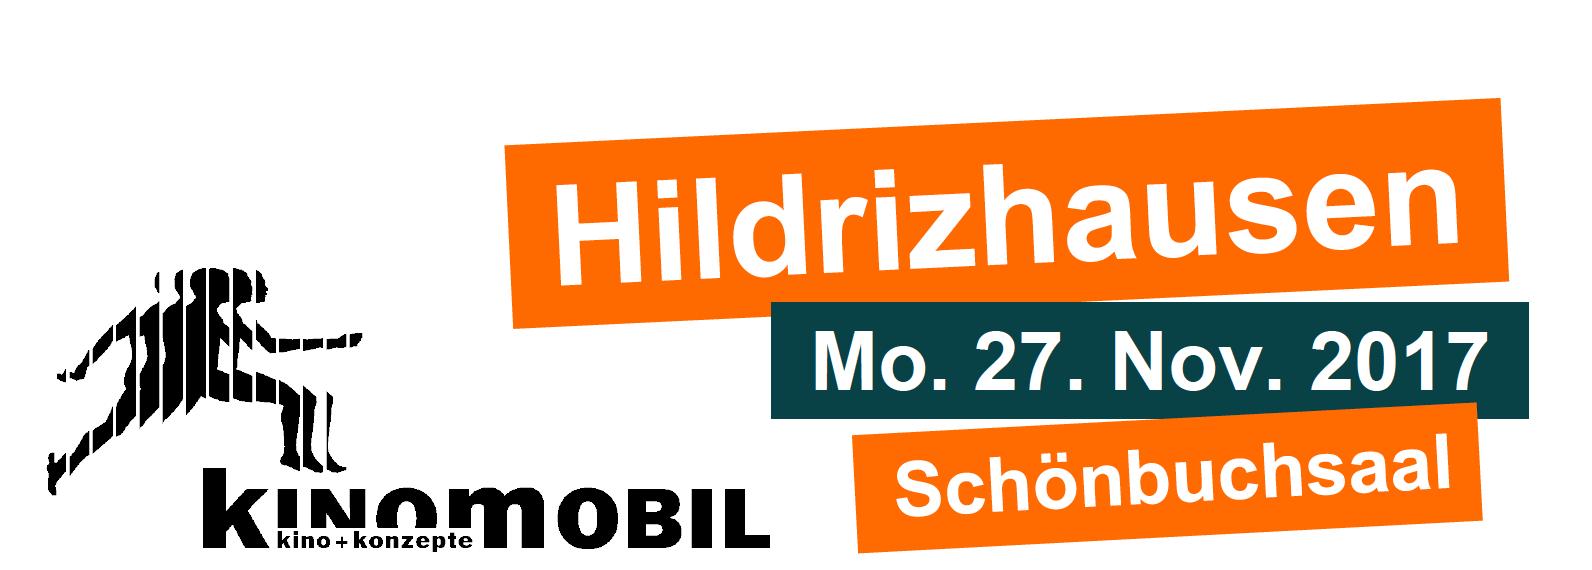 Das Kinomobil zu Gast in Hildrizhausen